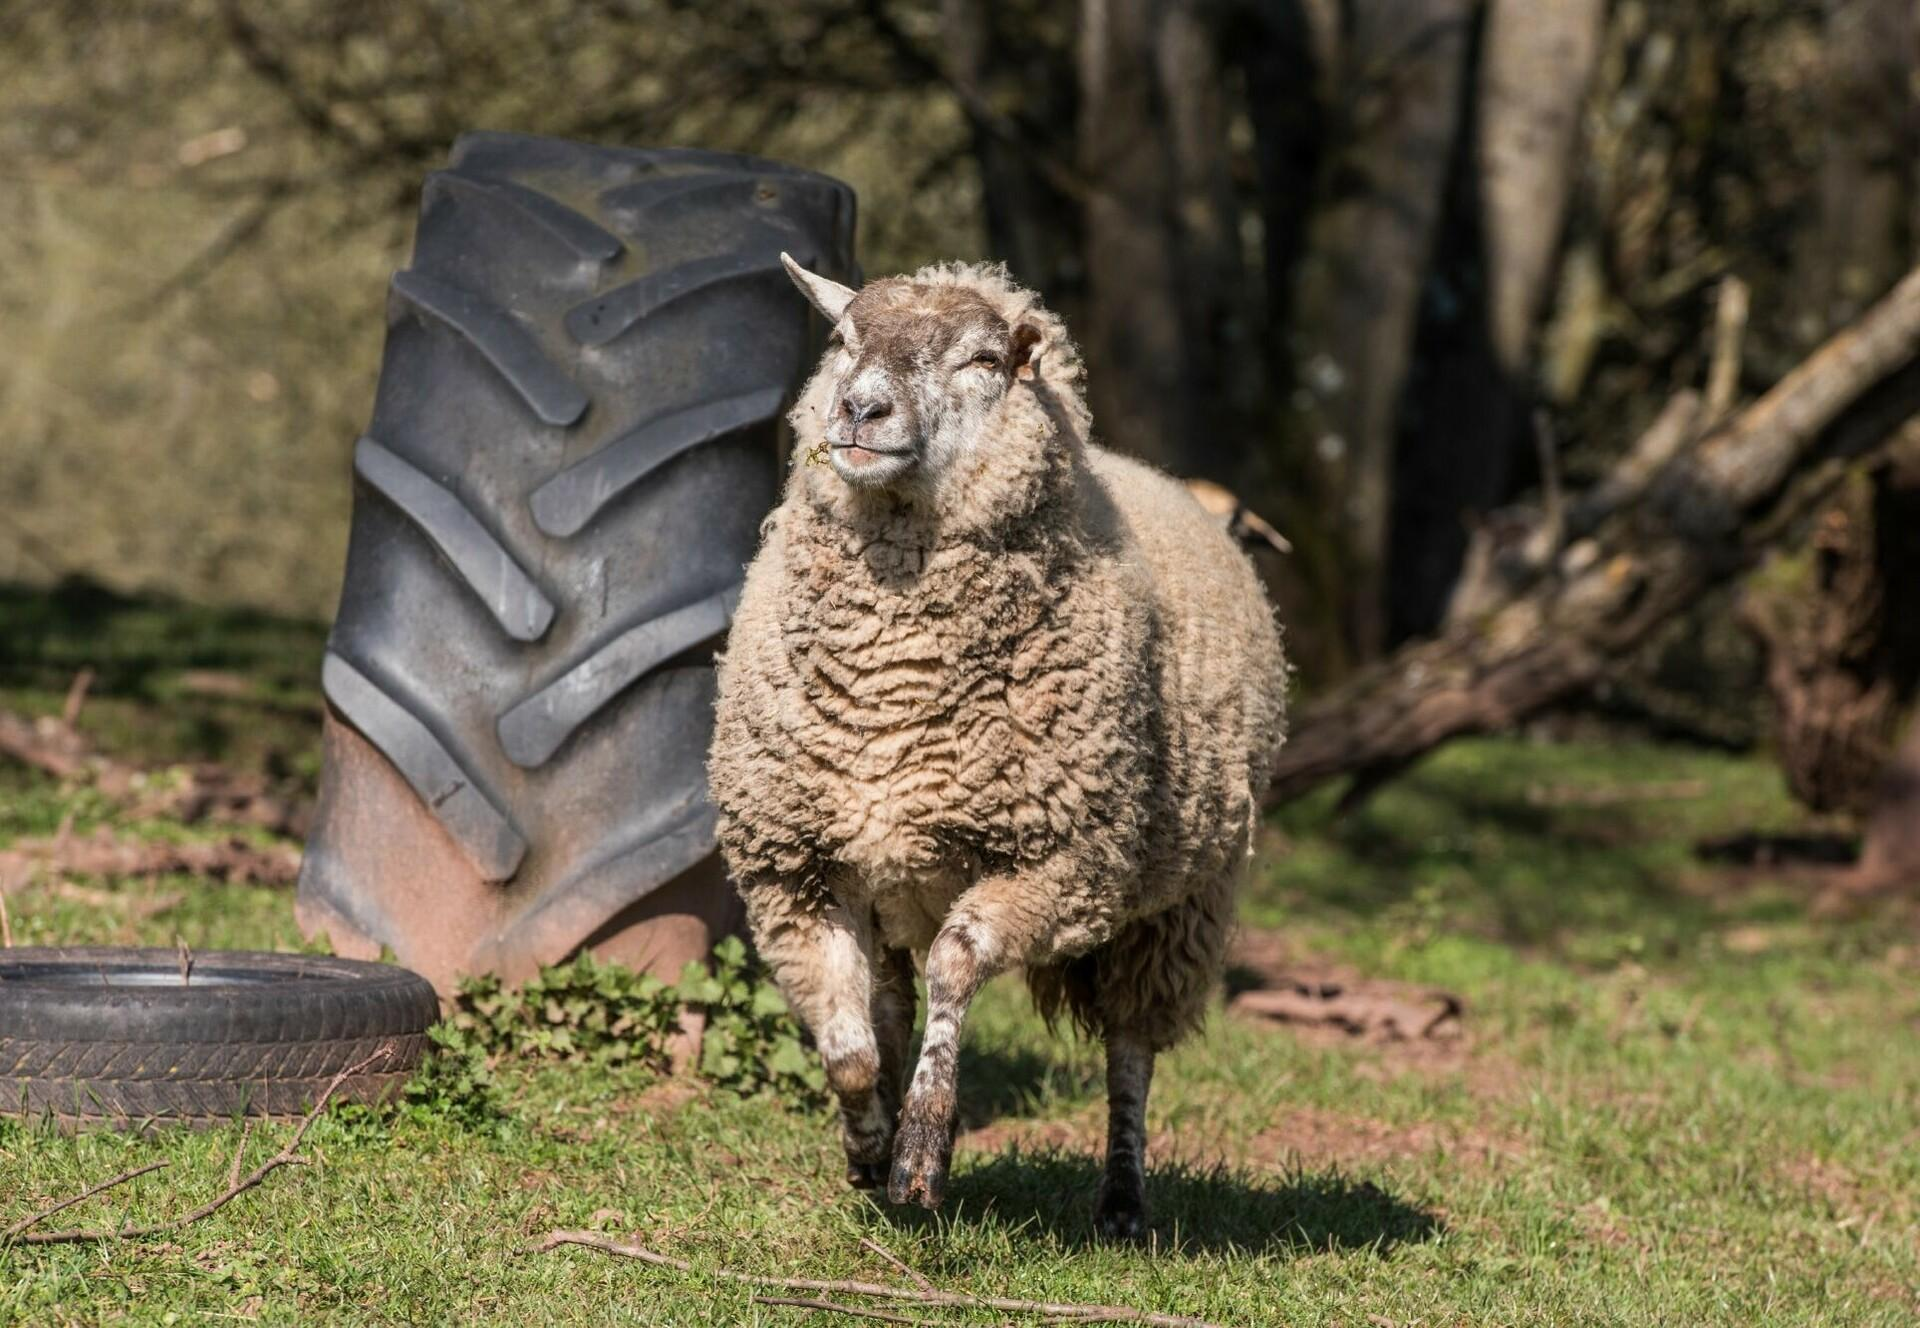 Schaf in der VIER PFOTEN Schutzstation TIERART